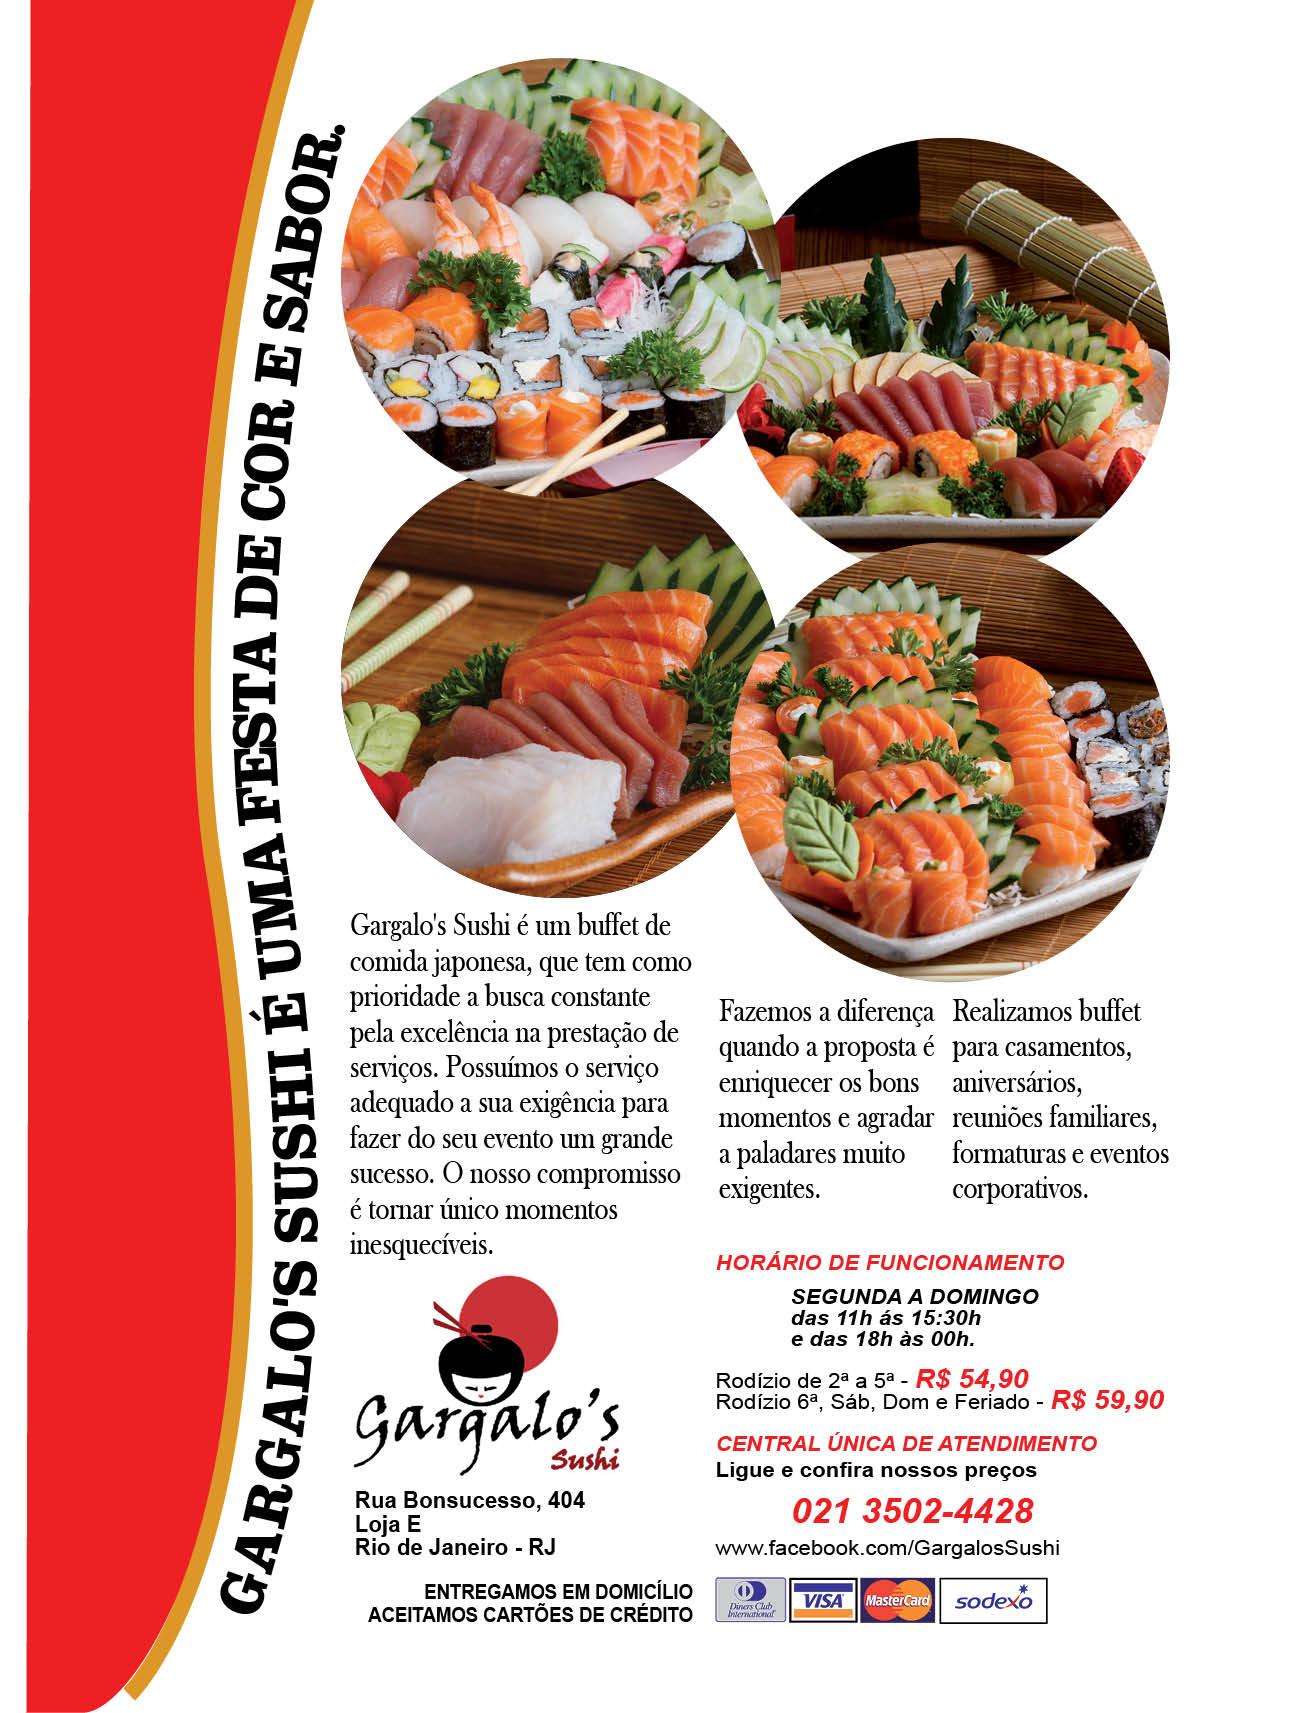 Gargalo's Sushi